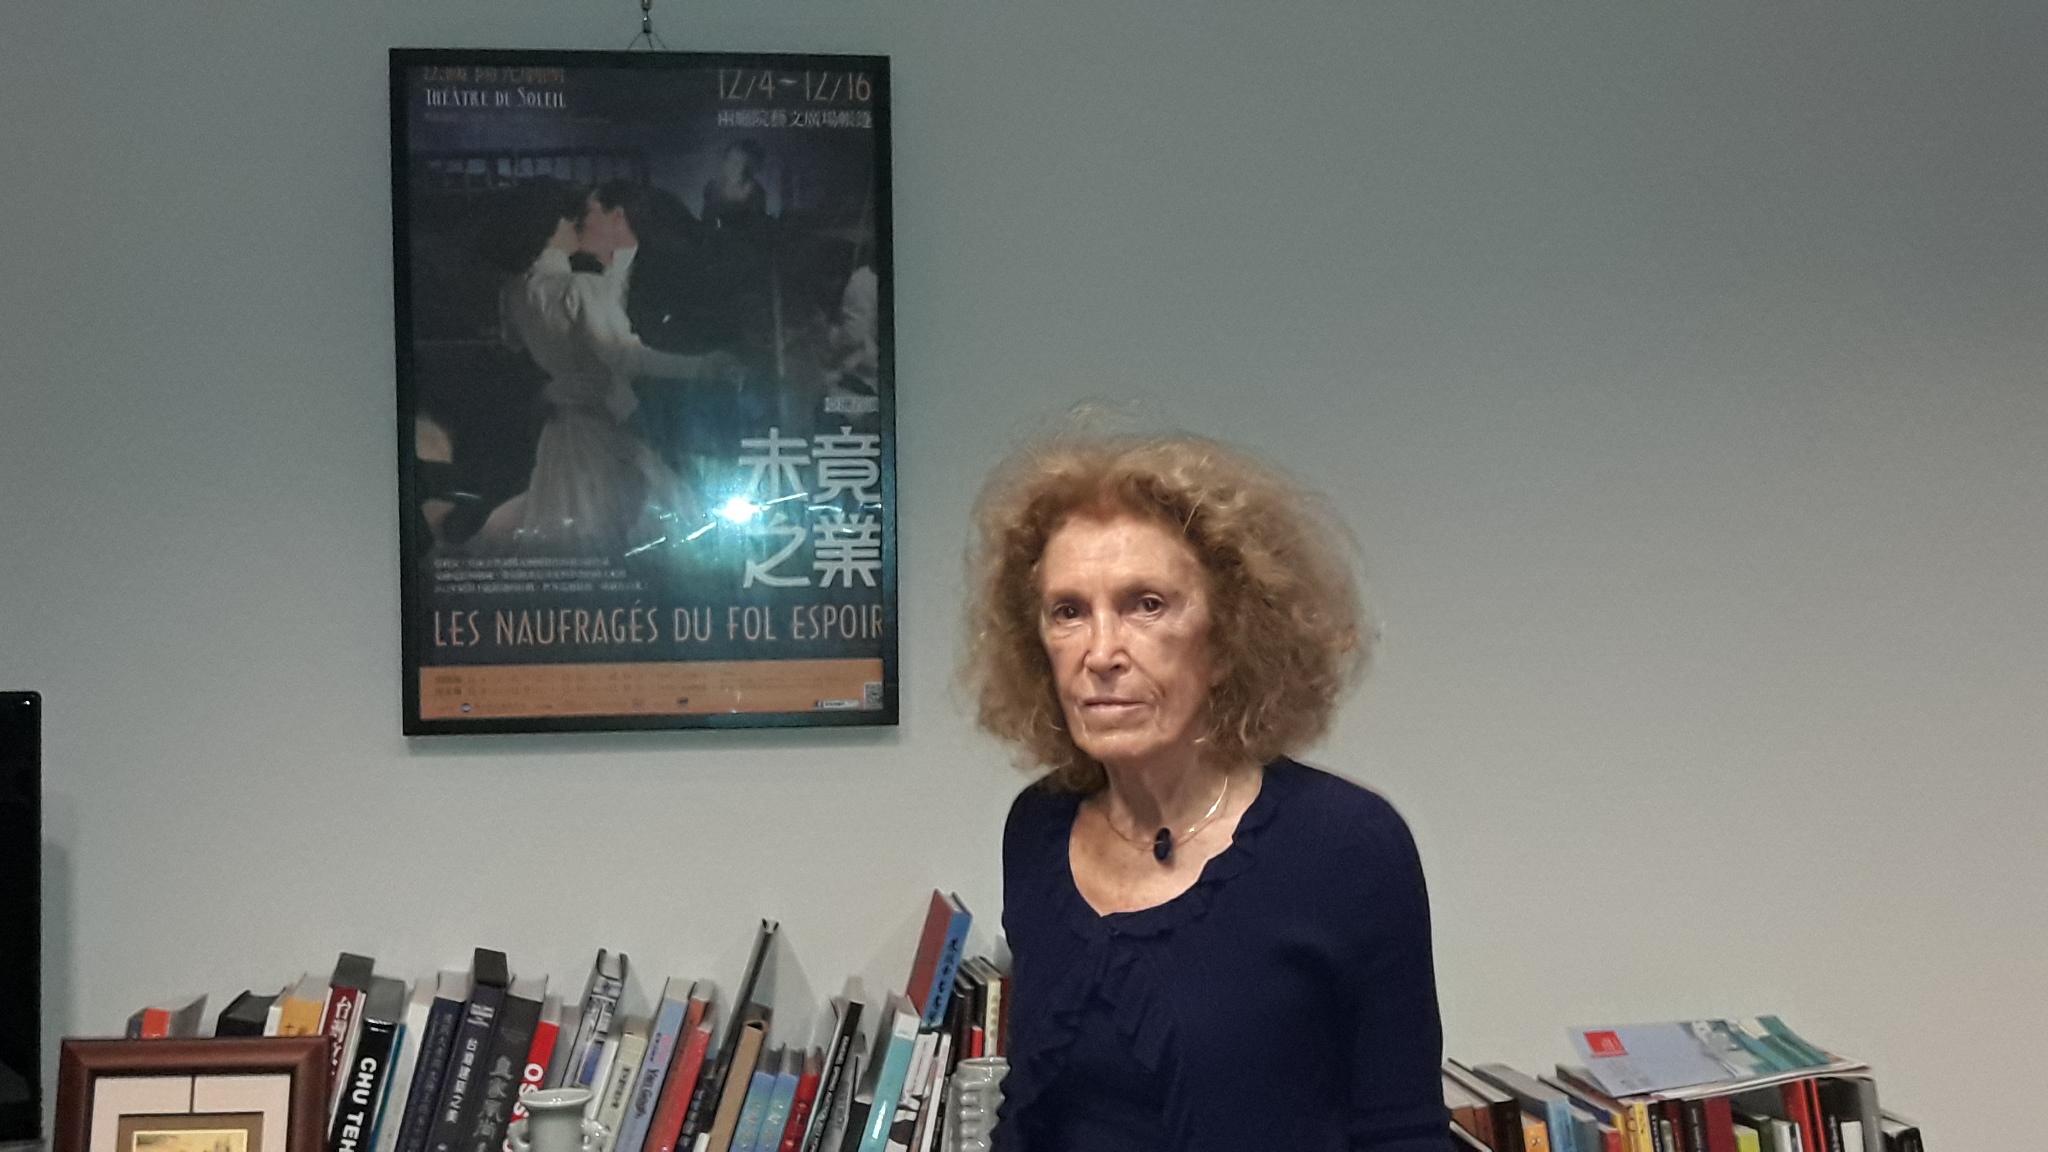 法國知名法學名家戴爾瑪斯.瑪蒂女士(Mireille Delmas-marty)